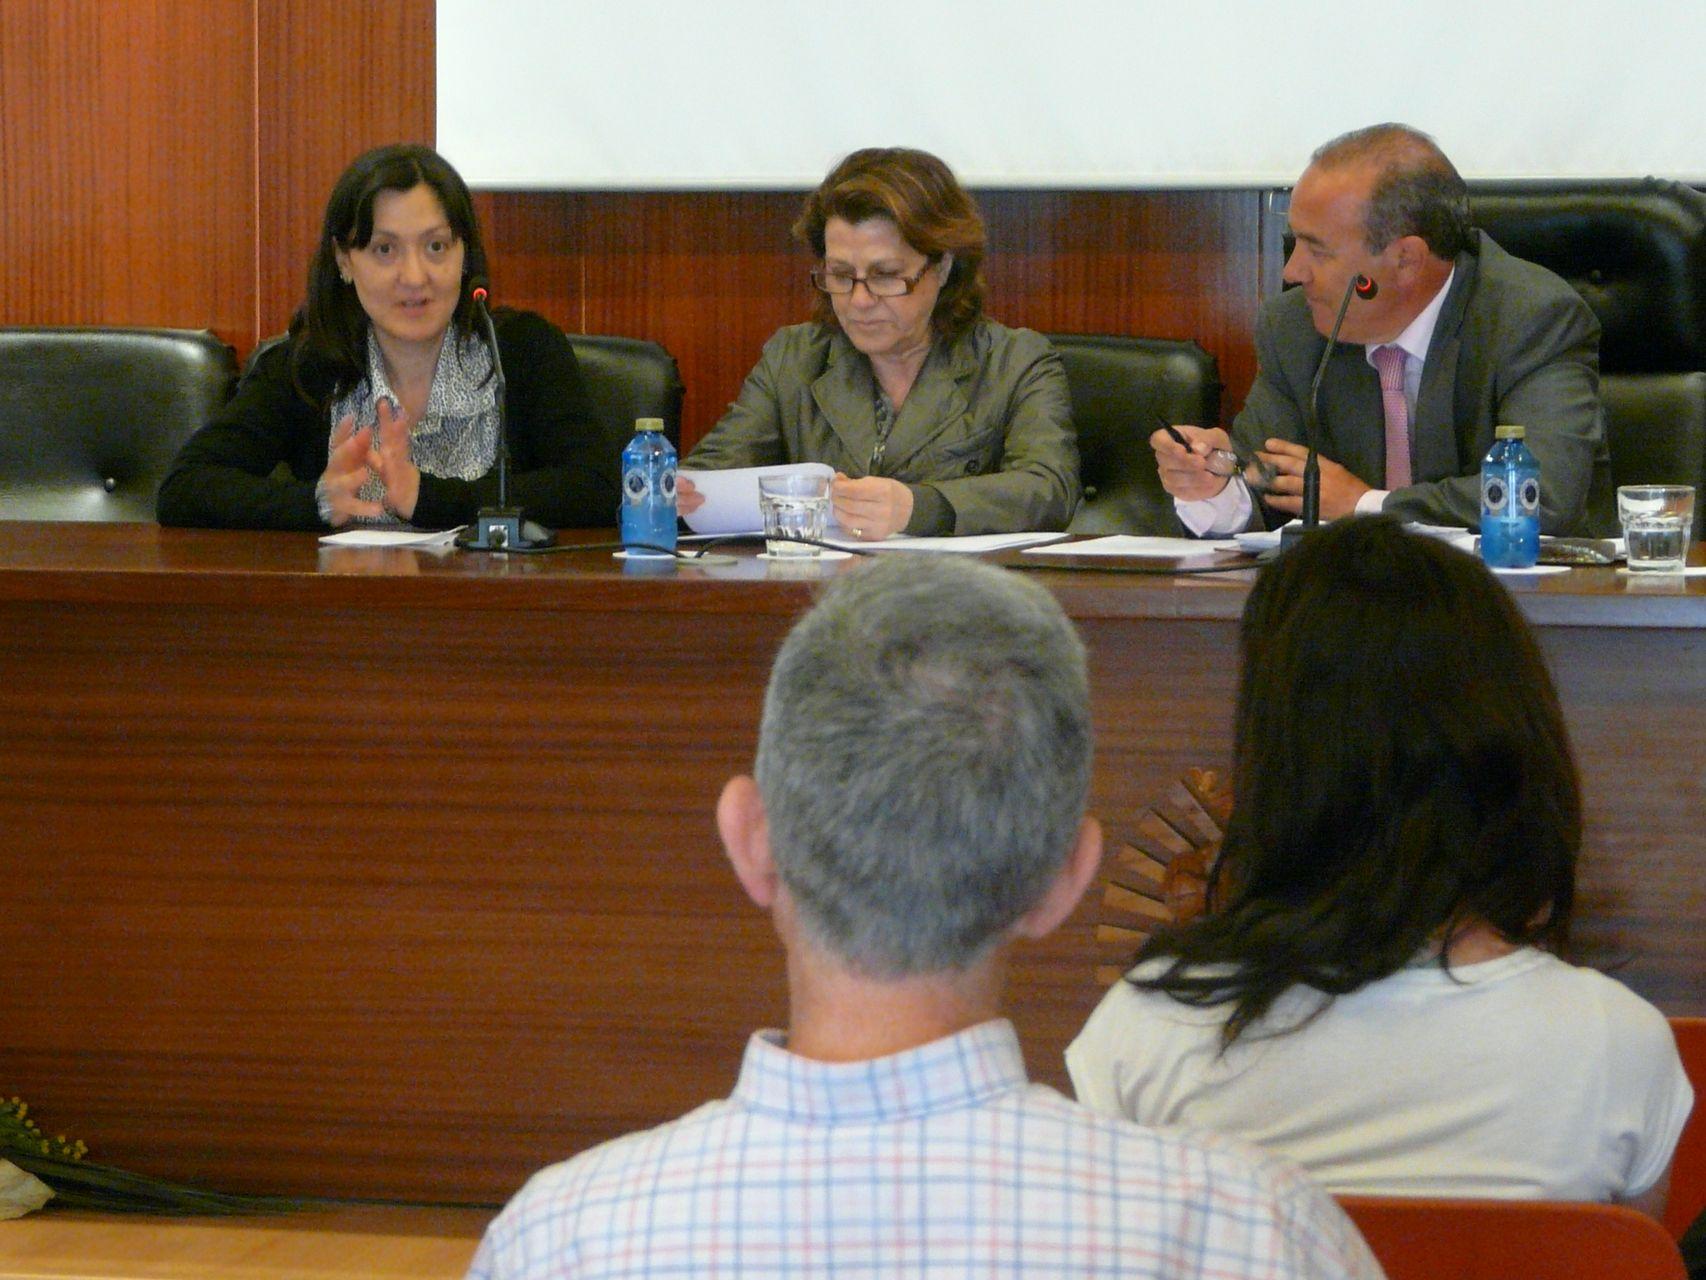 Jornada informativa en el Colegio de Abogados de Alicante: El Síndic, un cauce alternativo del judicial